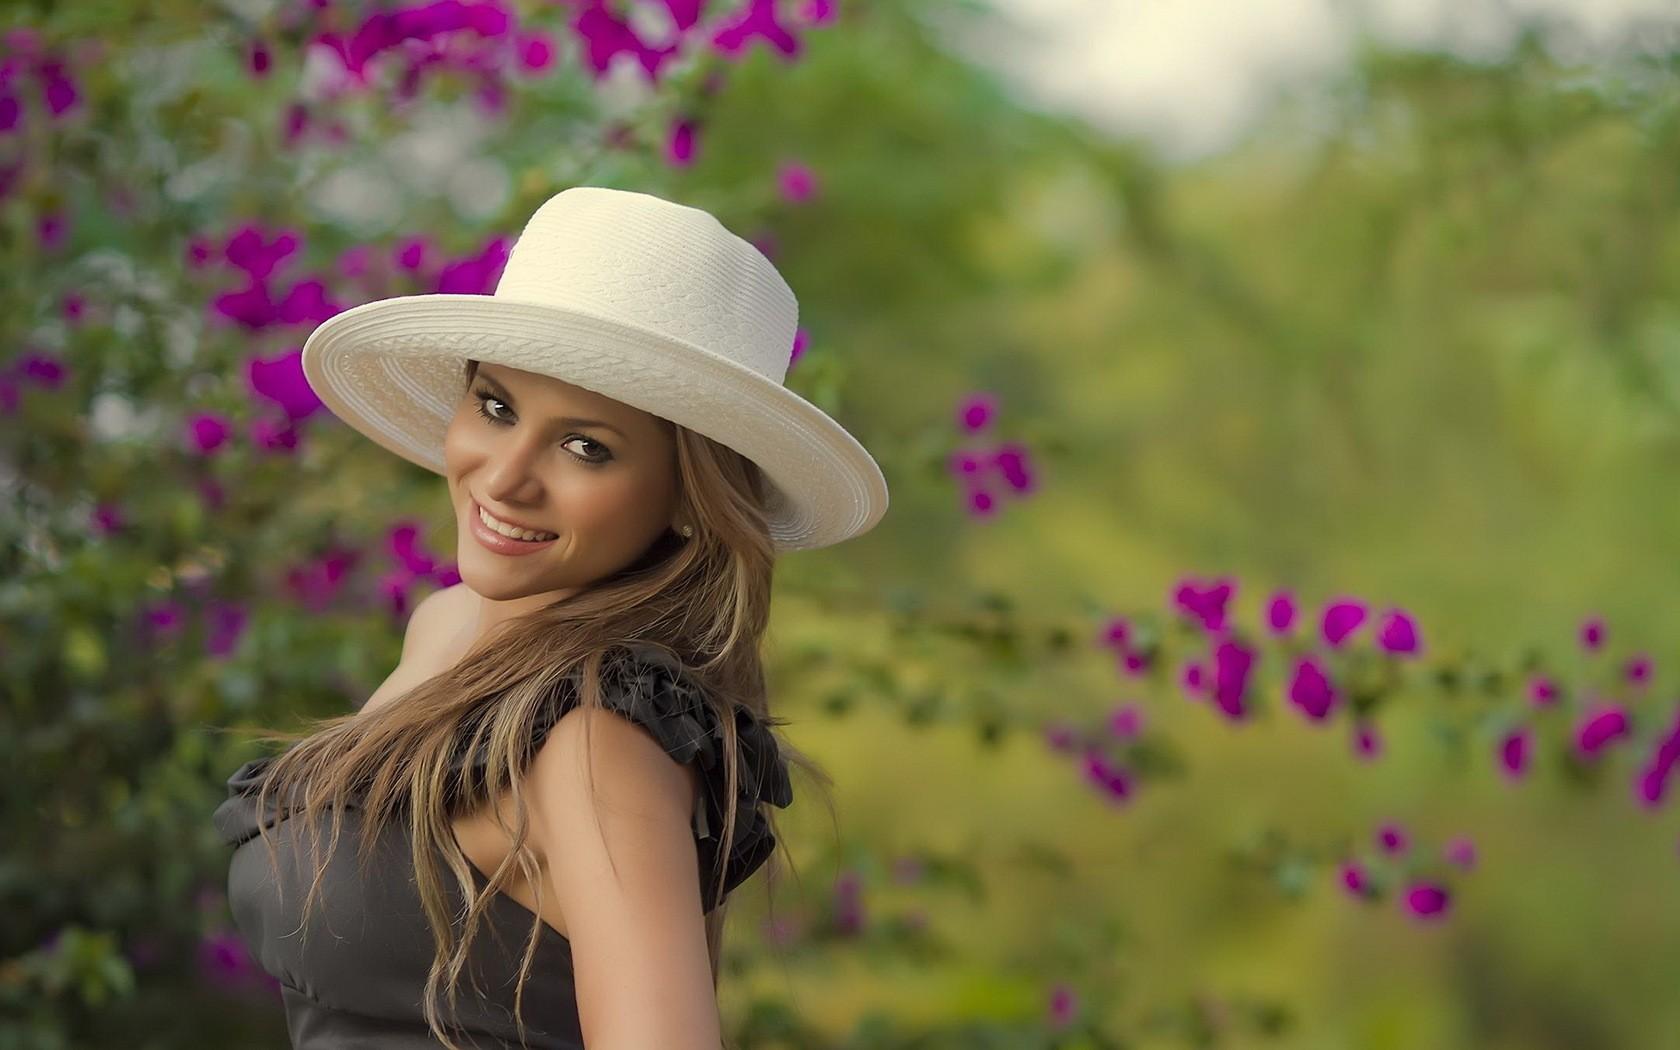 Foto retrato de chica - 1680x1050